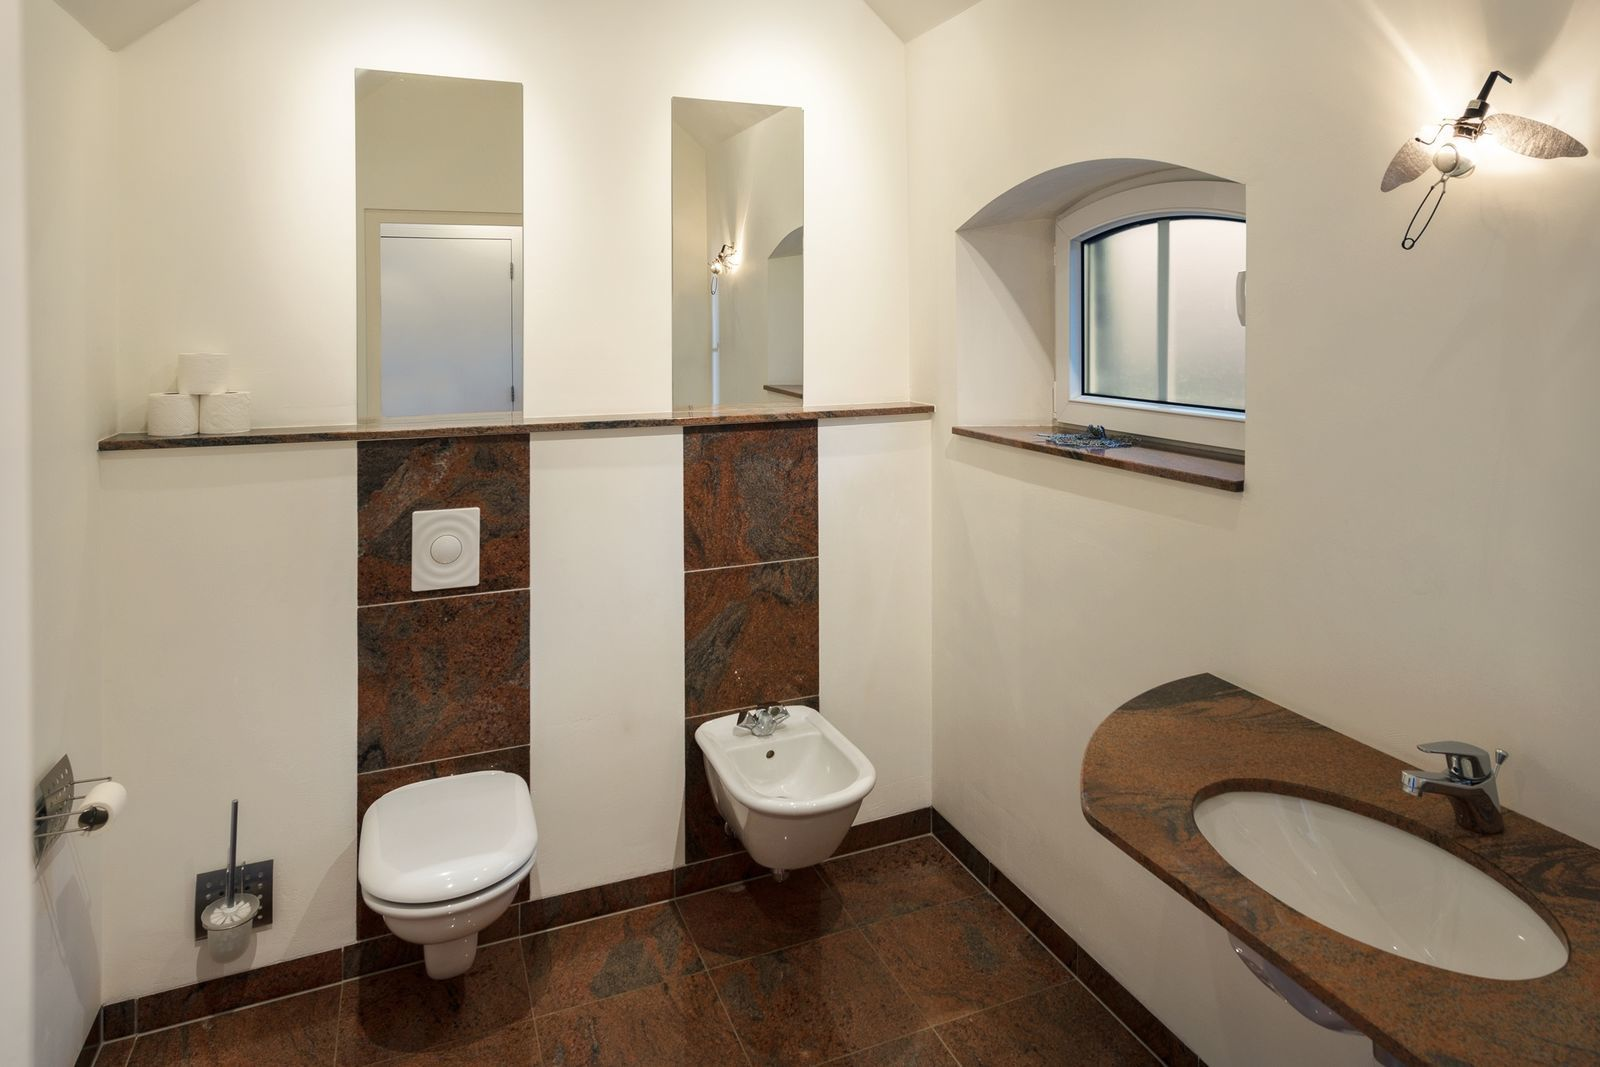 Landgoed 4 Seizoenen Winterhuis voor een luxe wellness vakantie